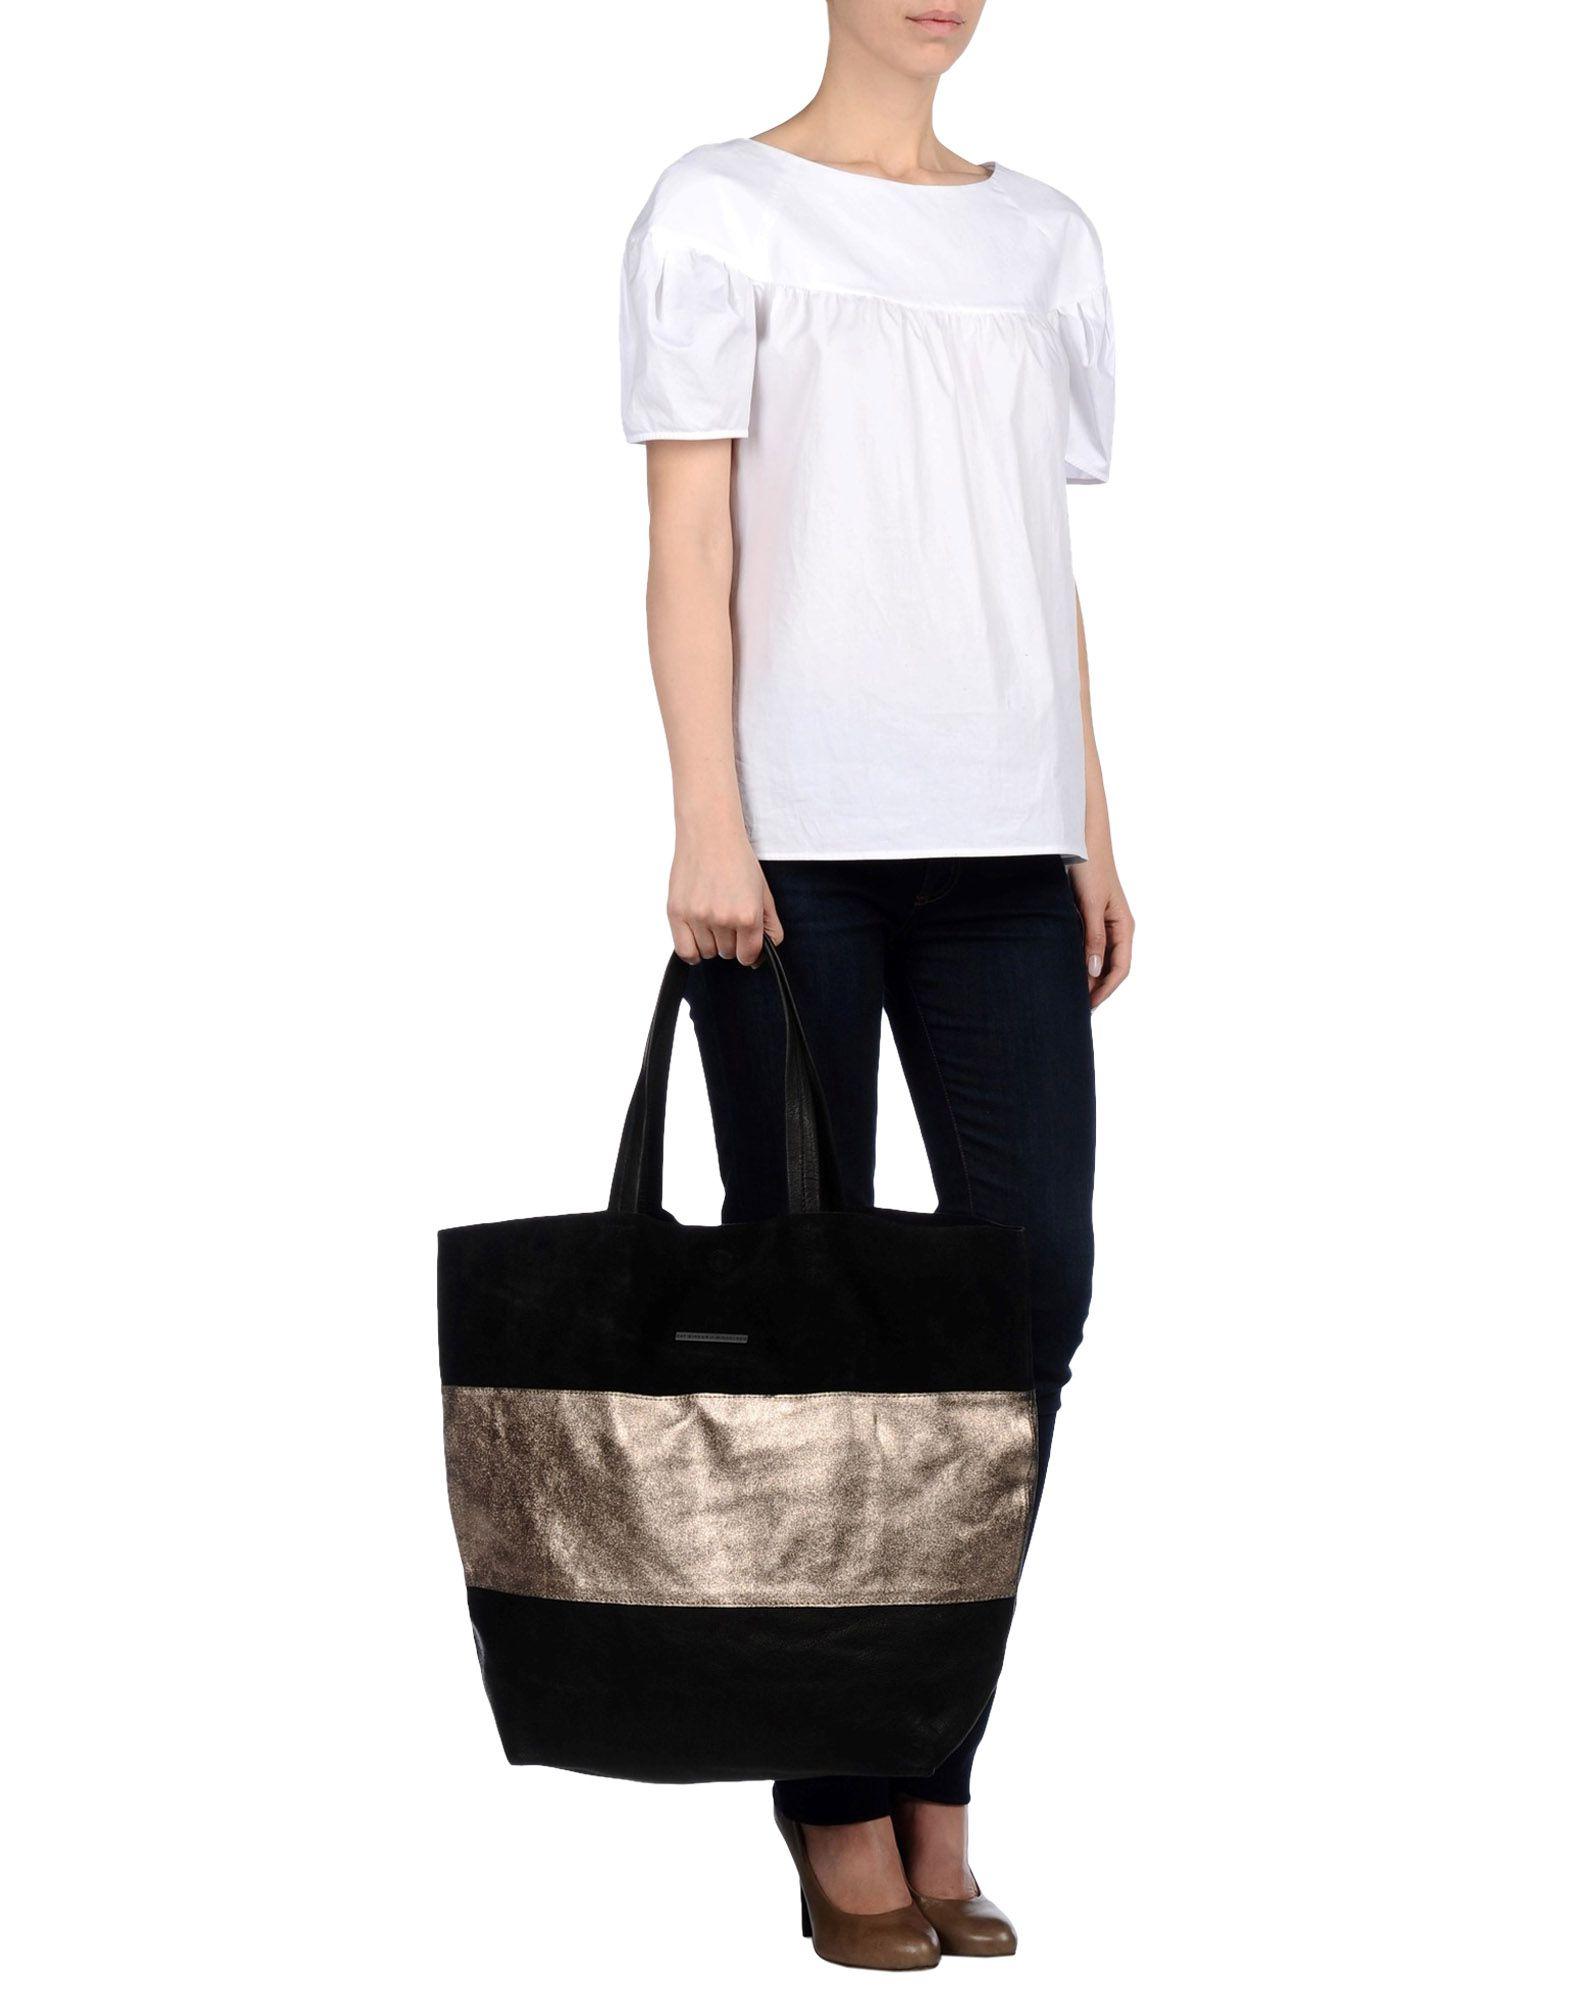 day birger et mikkelsen handbag in black lyst. Black Bedroom Furniture Sets. Home Design Ideas